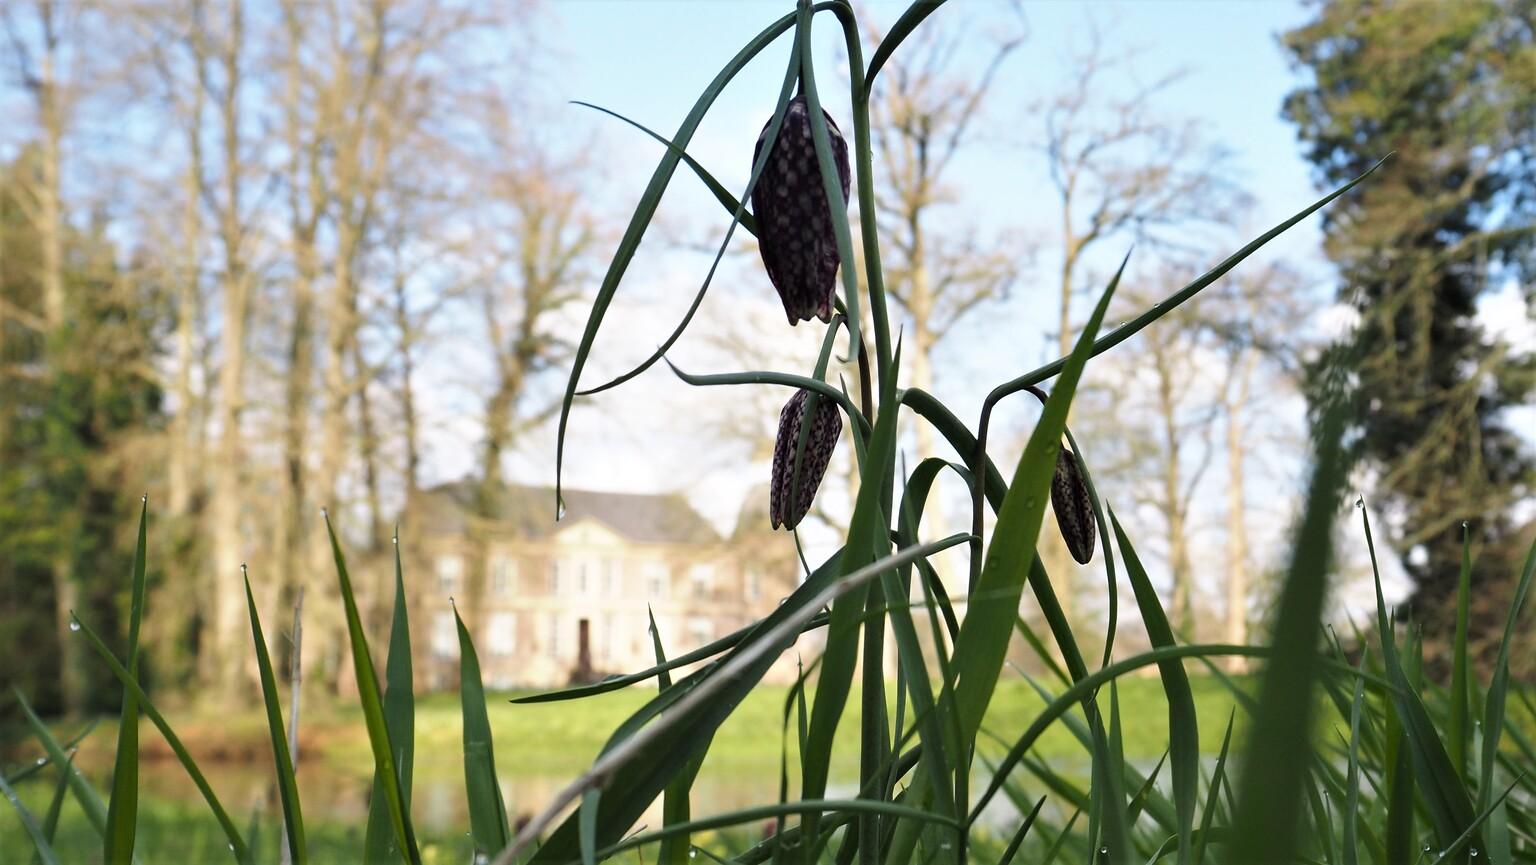 kievietsbloem bij kasteel Hackfort - natuur om kasteel Hackfort is erg mooi...genieten om te wandelen , fotograferen, niks doen en luisteren naar de vogels - foto door bernadette-willemsen op 16-04-2021 - locatie: 7251 Vorden, Nederland - deze foto bevat: kievietsbloem, kasteel hackfort, natuur, nature, rust, cultuur, geschiedenis, lucht, fabriek, hout, takje, afdeling, boom, terrestrische plant, natuurlijk landschap, gras, kofferbak